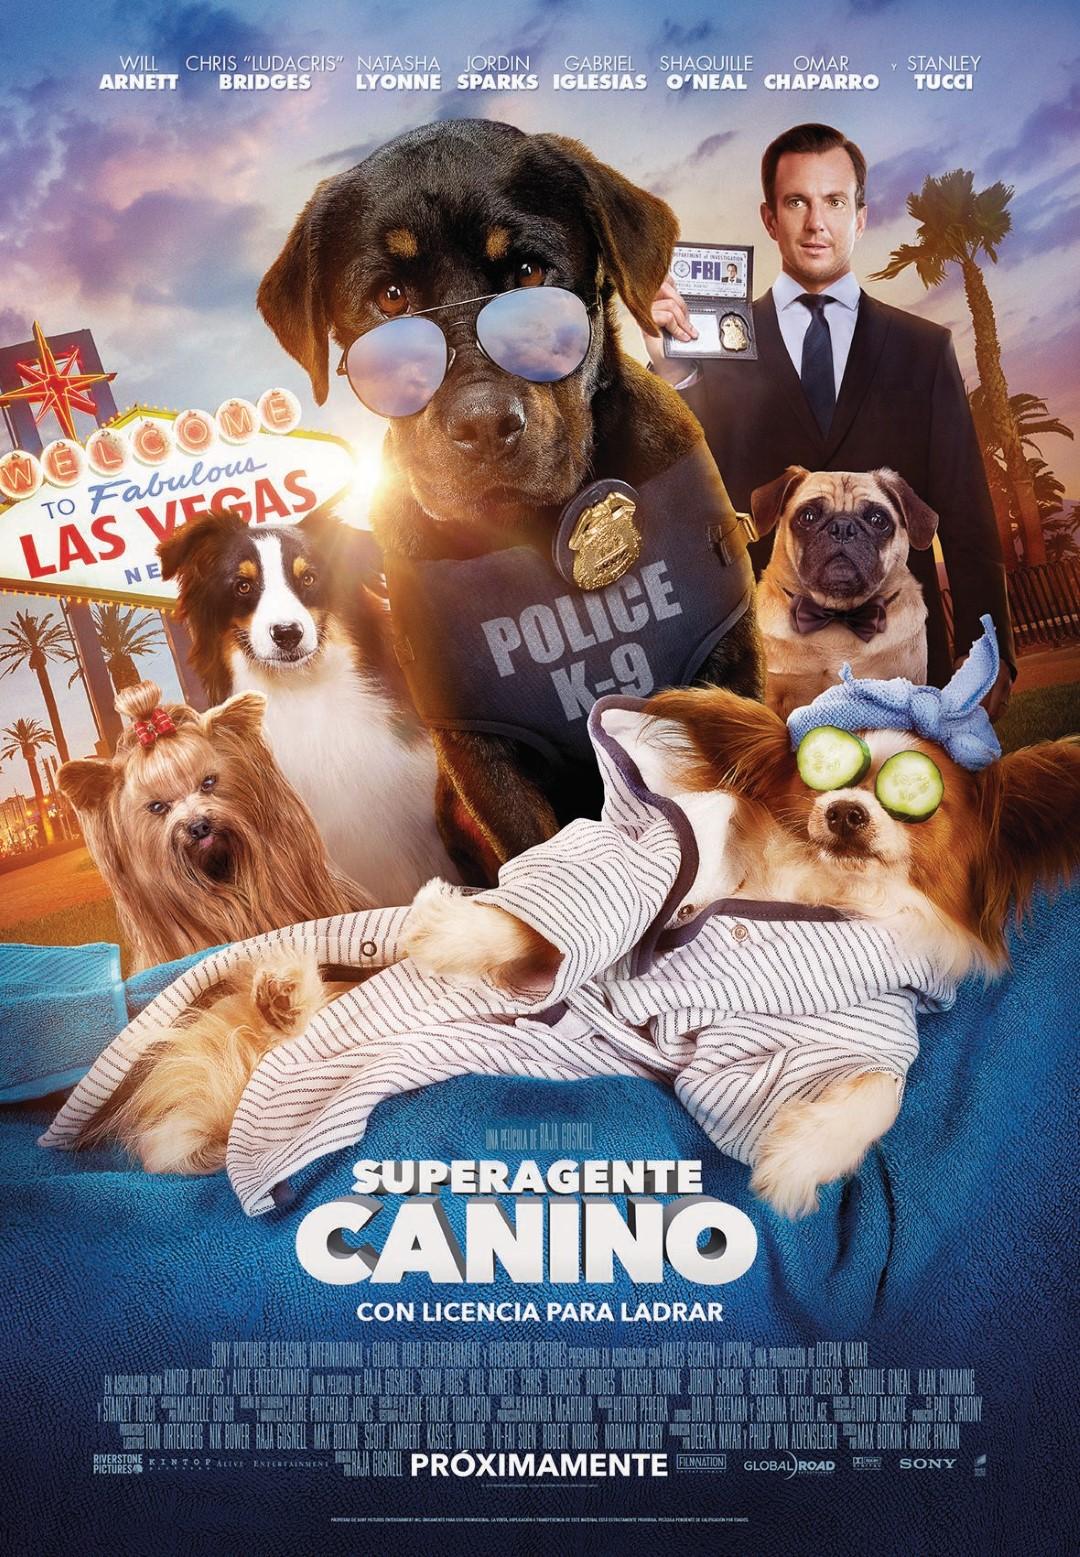 'Superagente canino': Póster y tráiler de la nueva comedia perruna